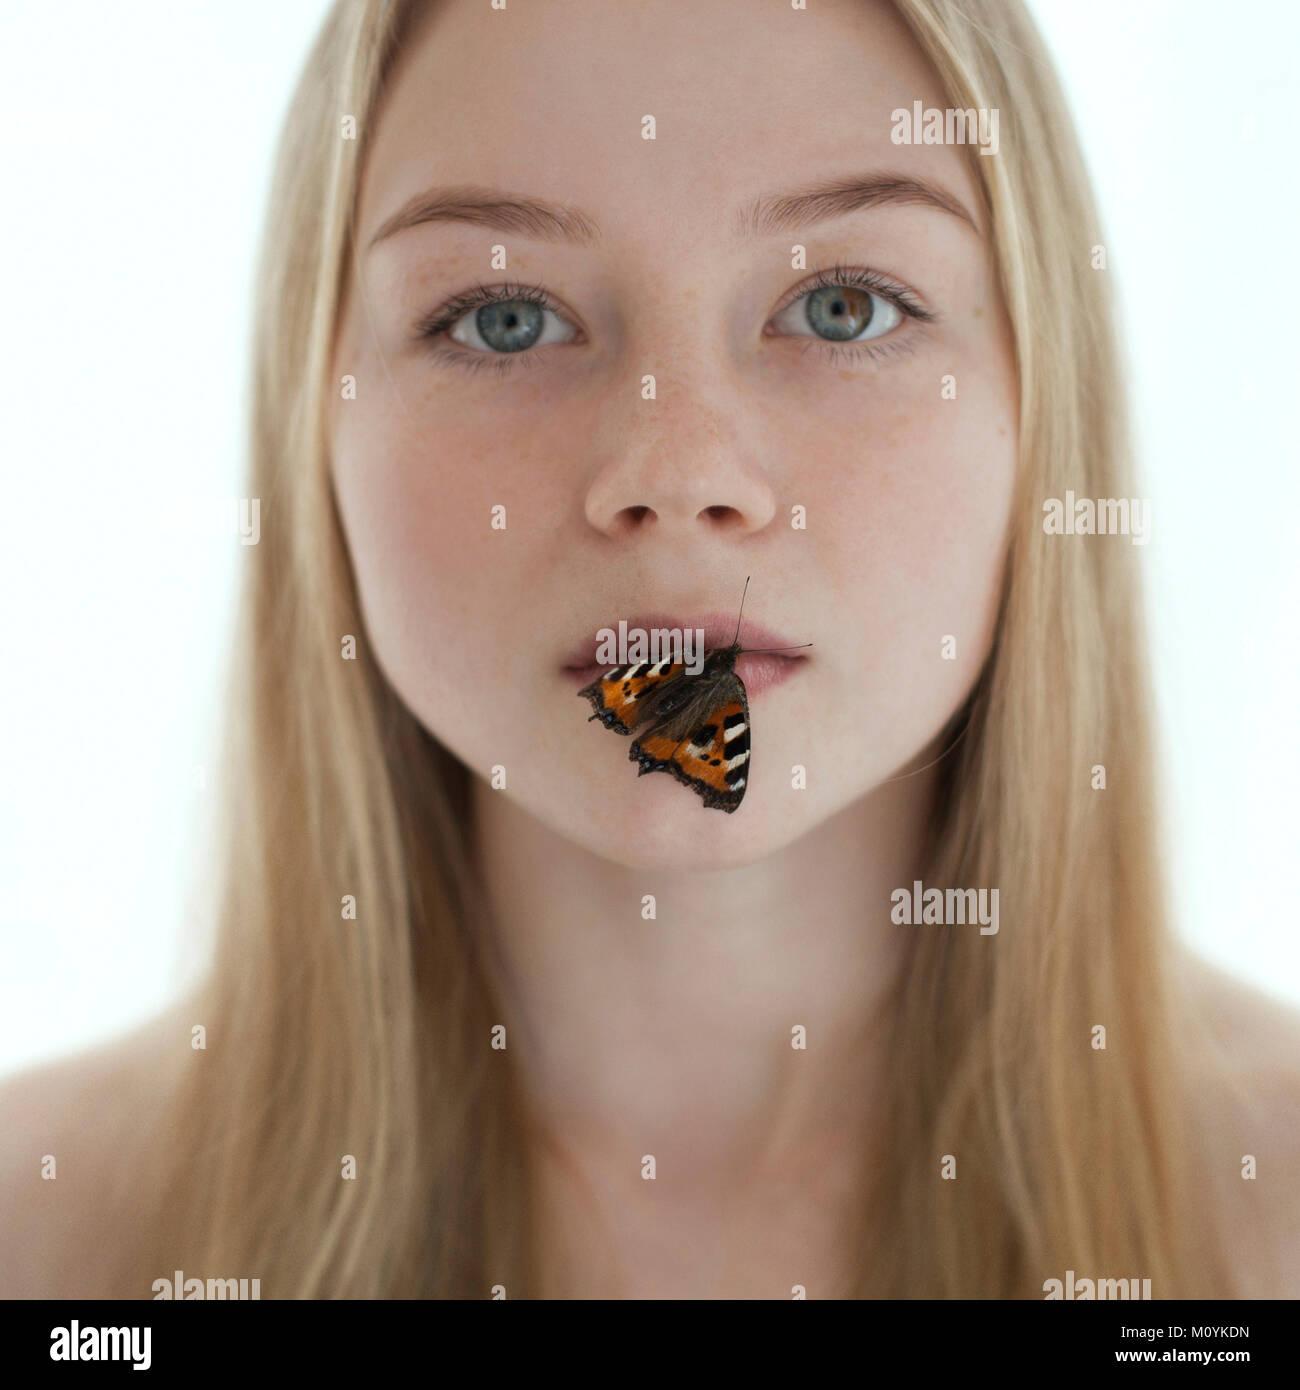 Farfalla sulle labbra di soggetti di razza caucasica ragazza adolescente Foto Stock